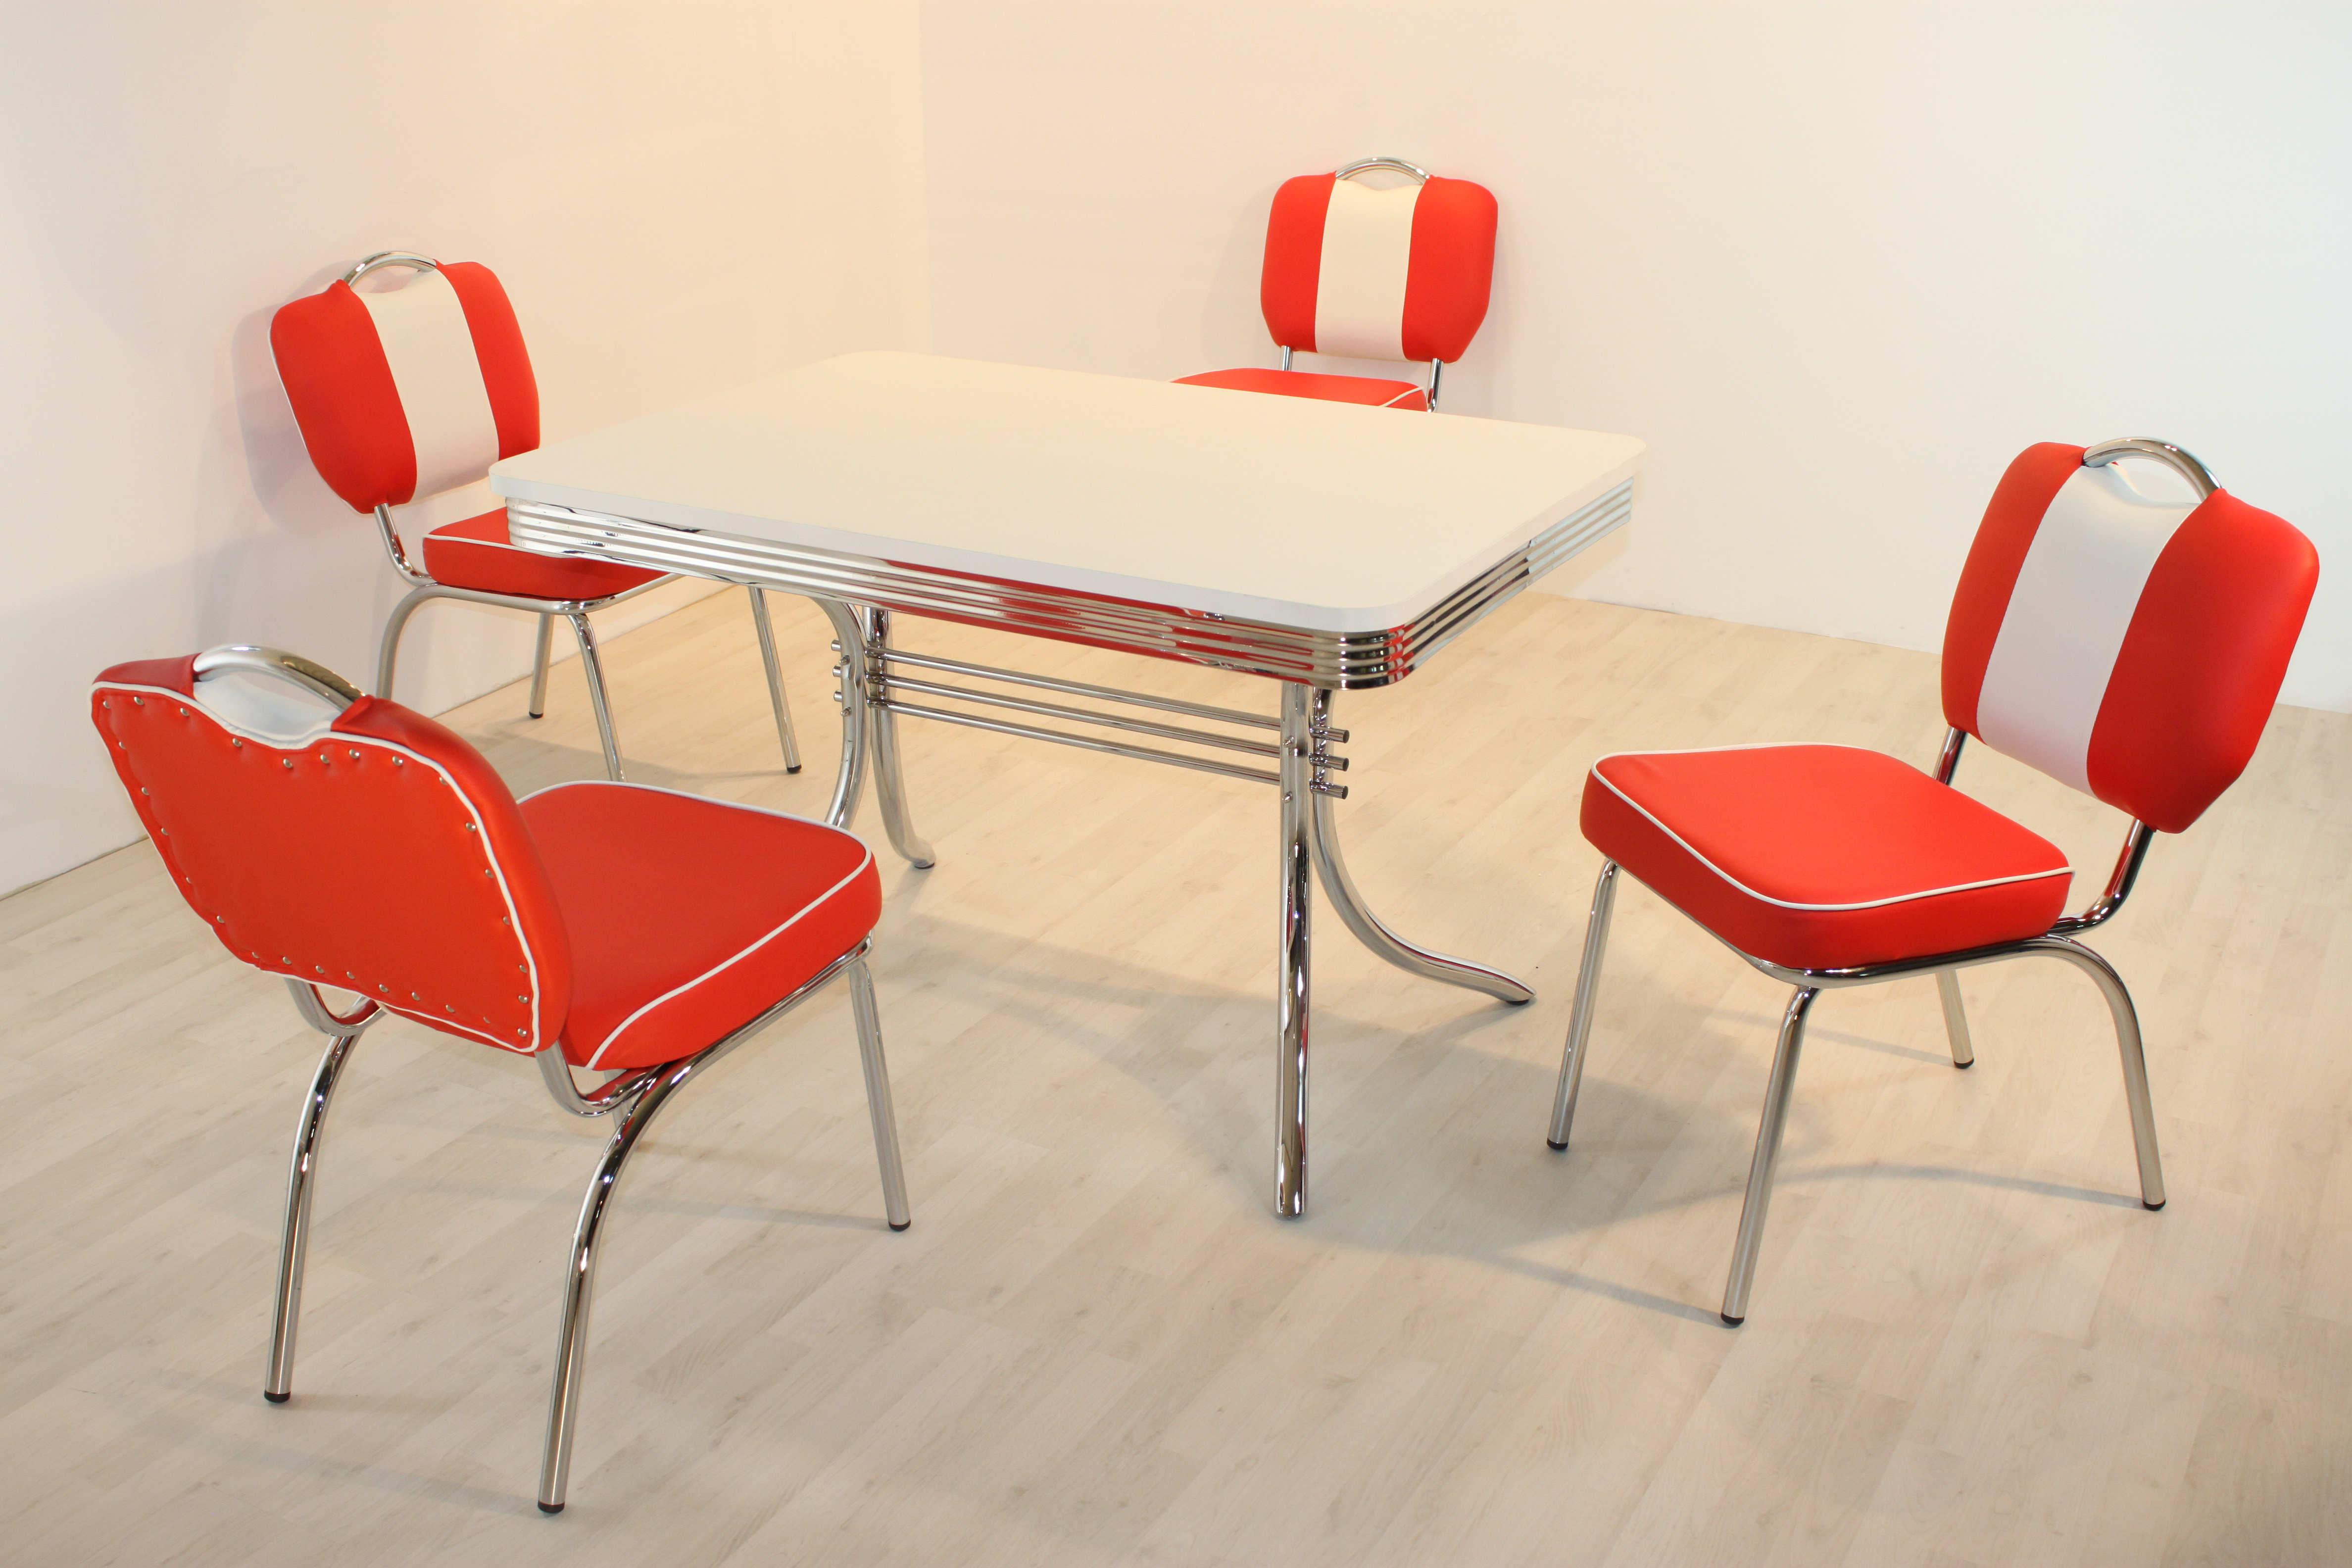 bistrogruppe paul king 6 american diner 50er jahre retro. Black Bedroom Furniture Sets. Home Design Ideas